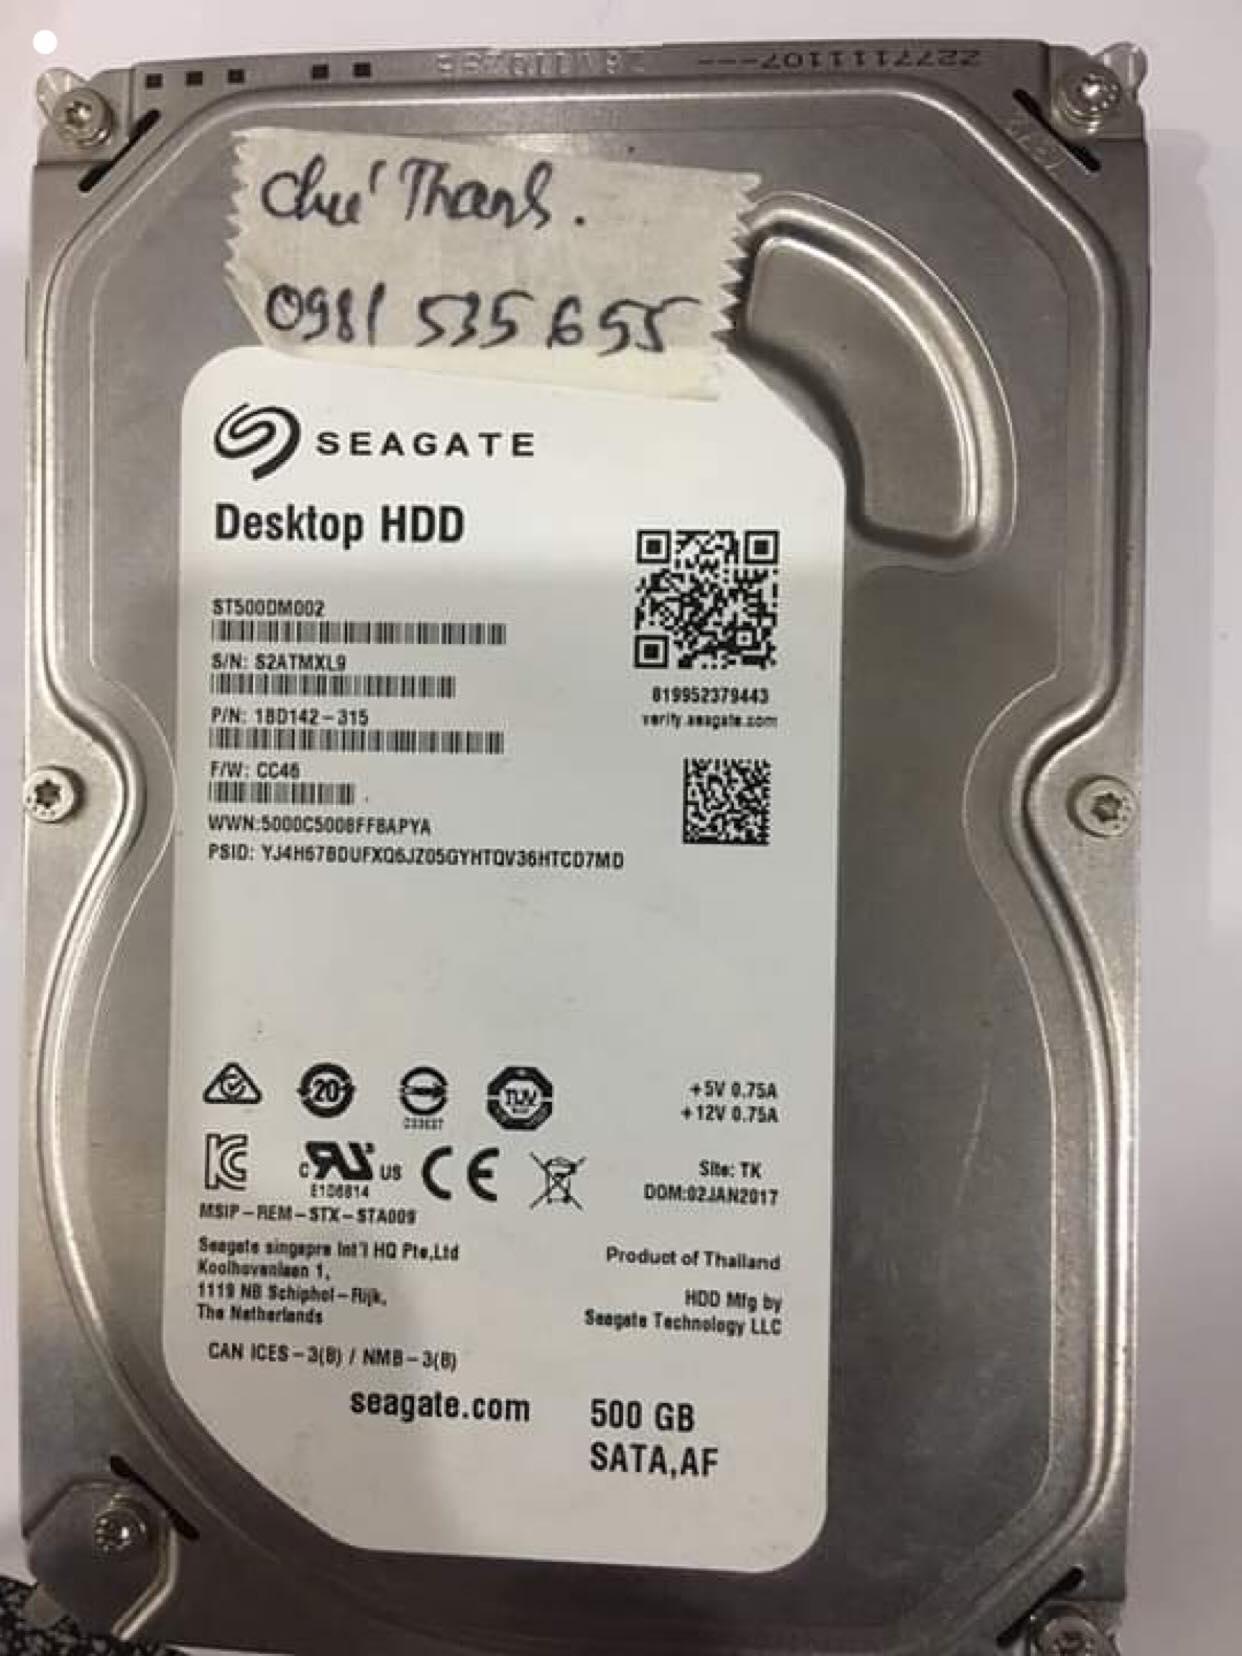 Khôi phục dữ liệu ổ cứng Seagate 500GB mất dữ liệu 27/02/2020 - cuumaytinh